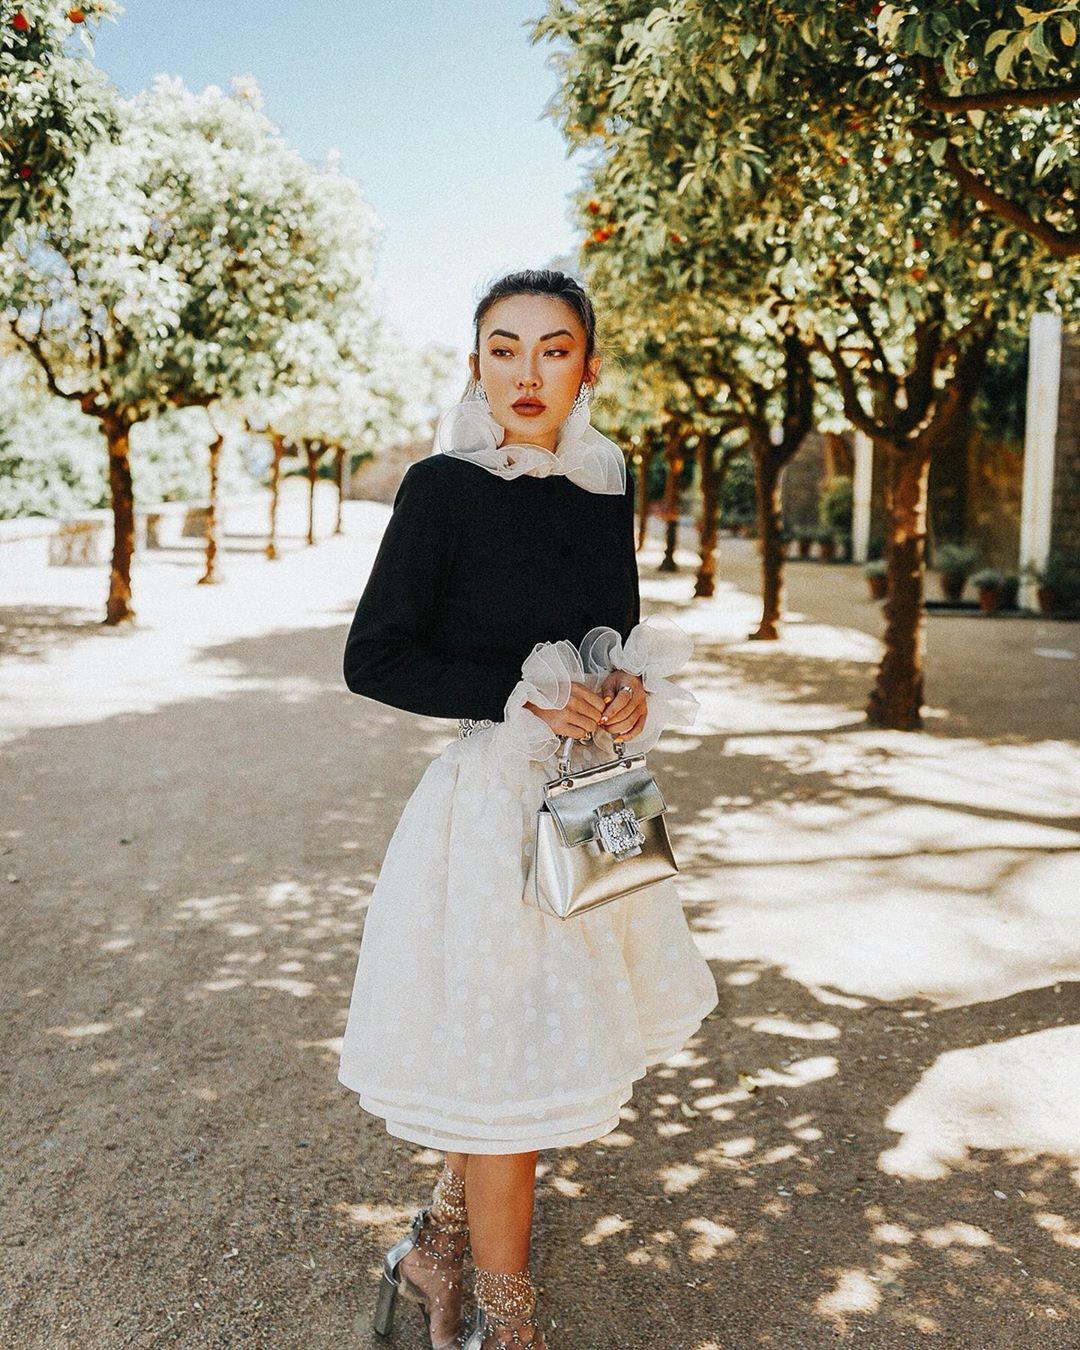 chân váy xòe ren trắng áo dài tay đắp ren đen jessica wang